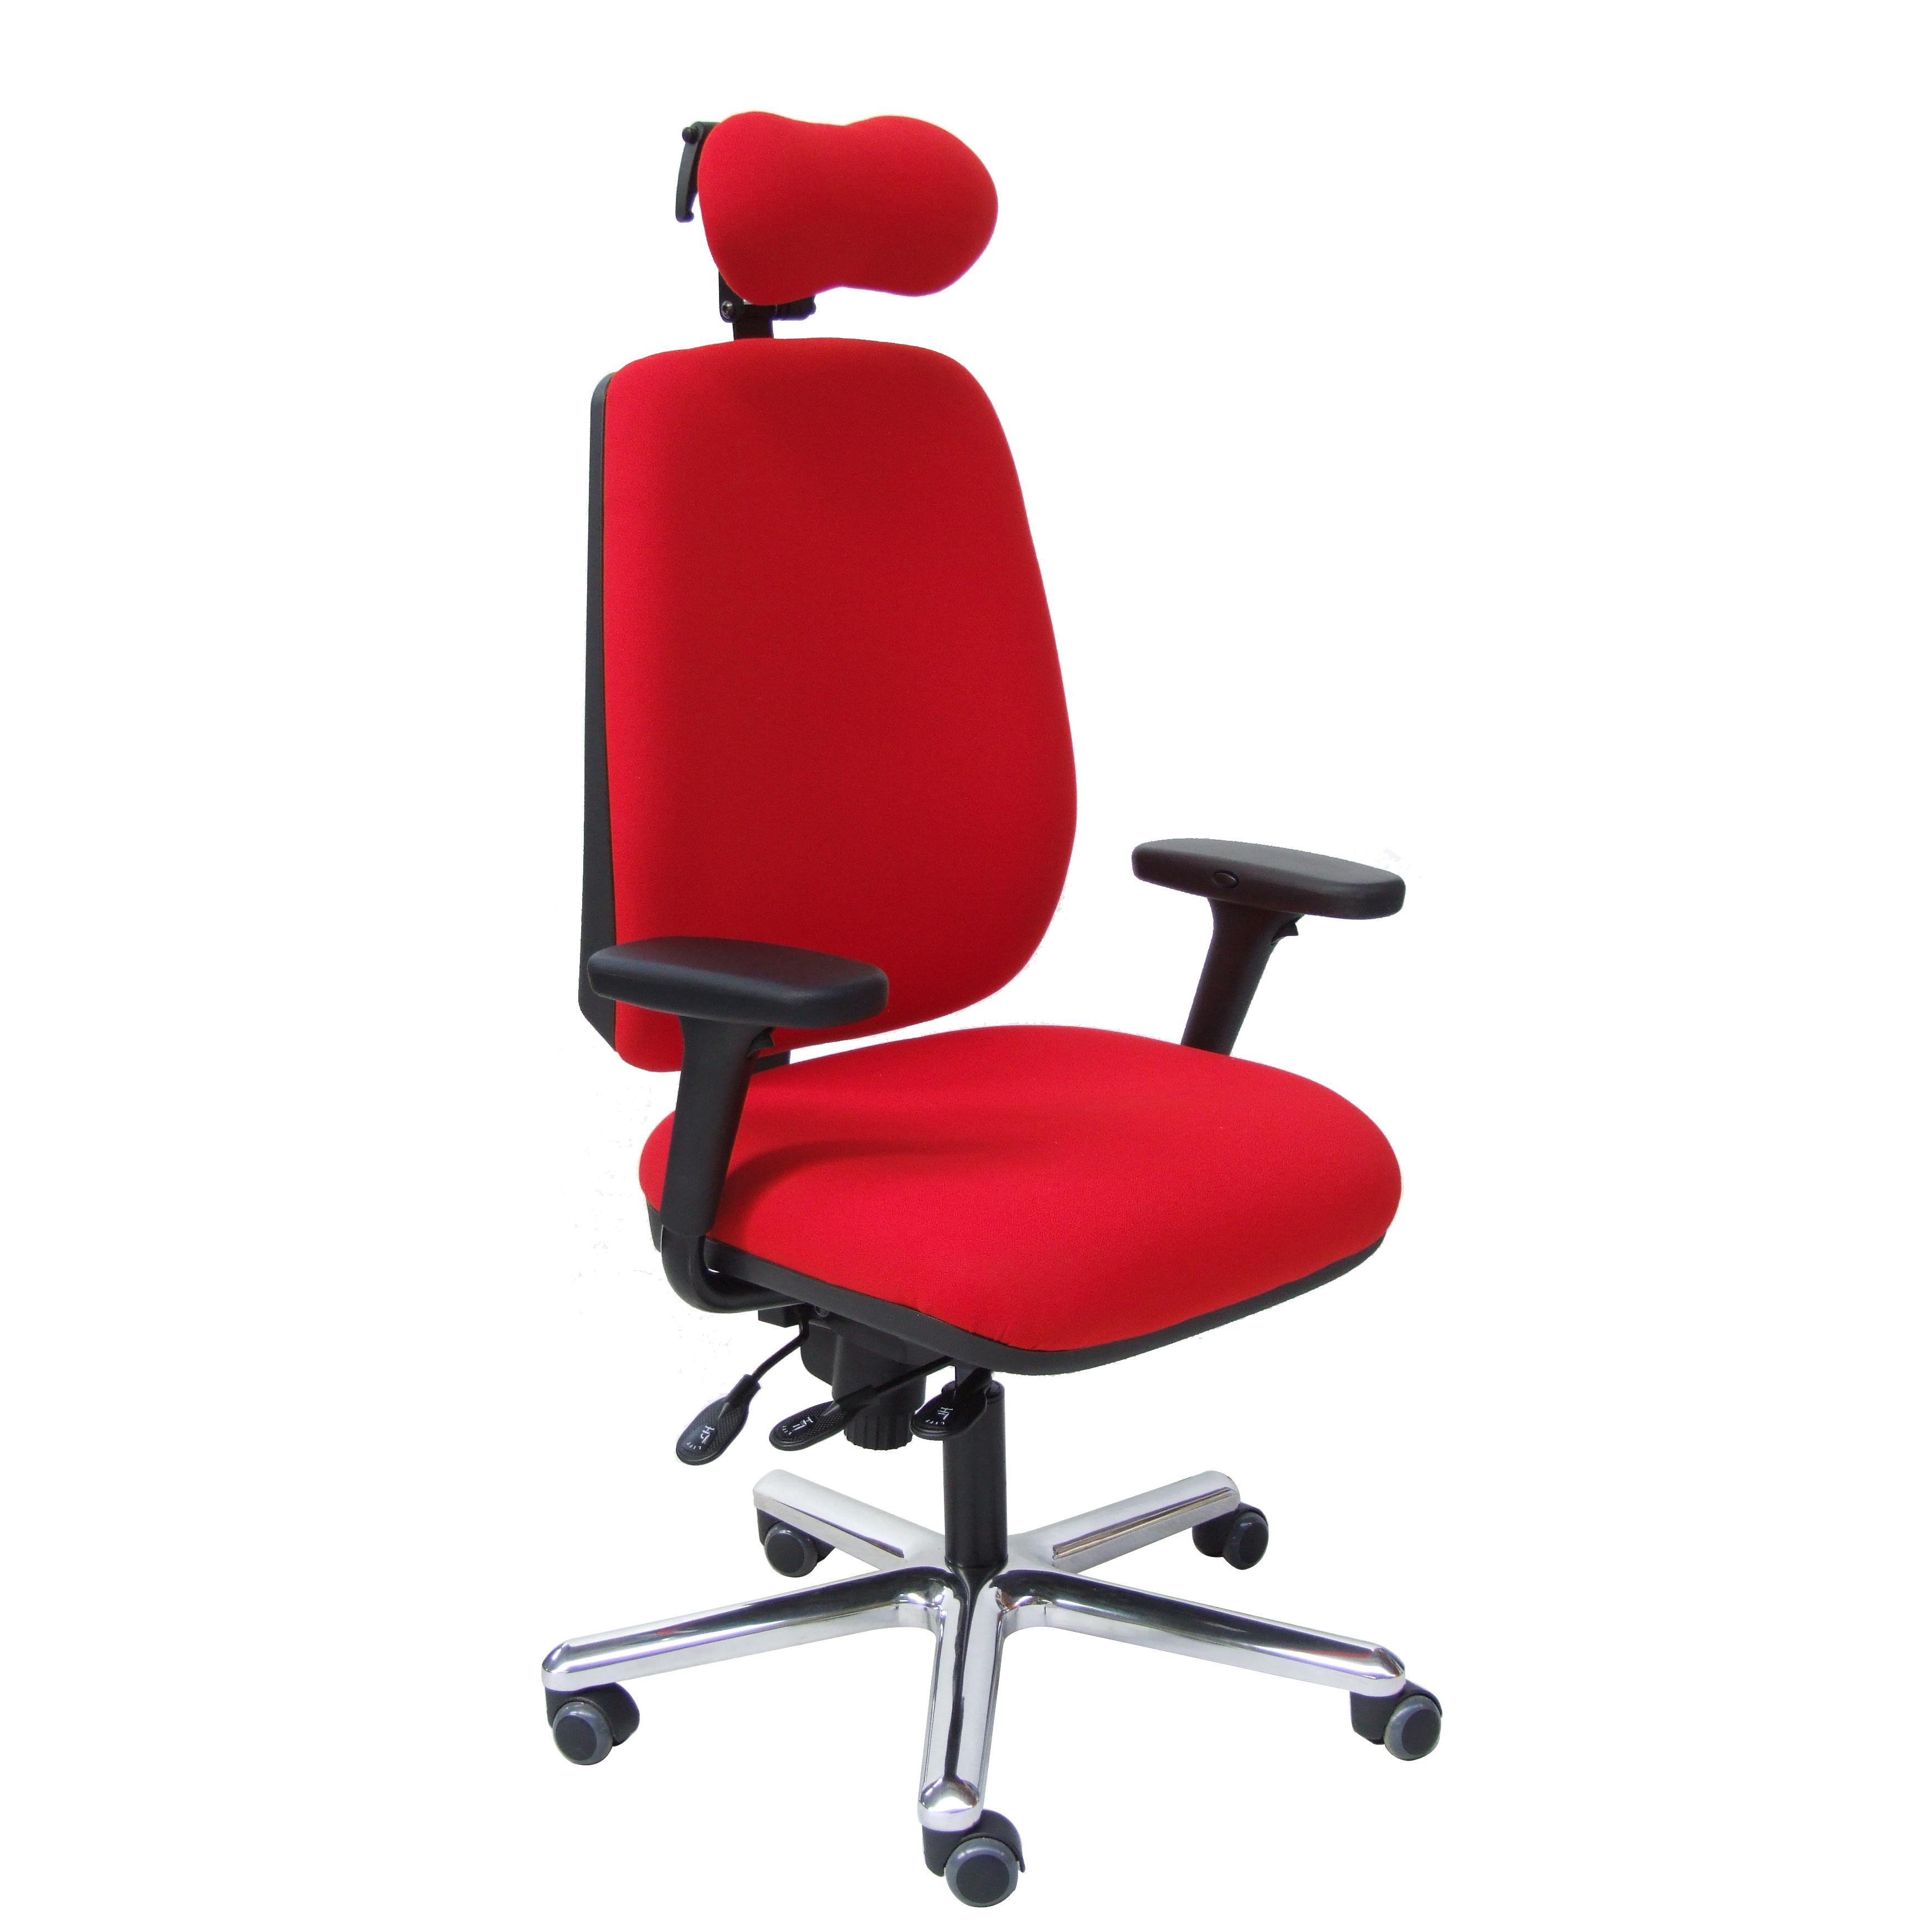 Fauteuil de bureau ergonomique NORFOLK assise large asynchrone CP+T avec appui-nuque